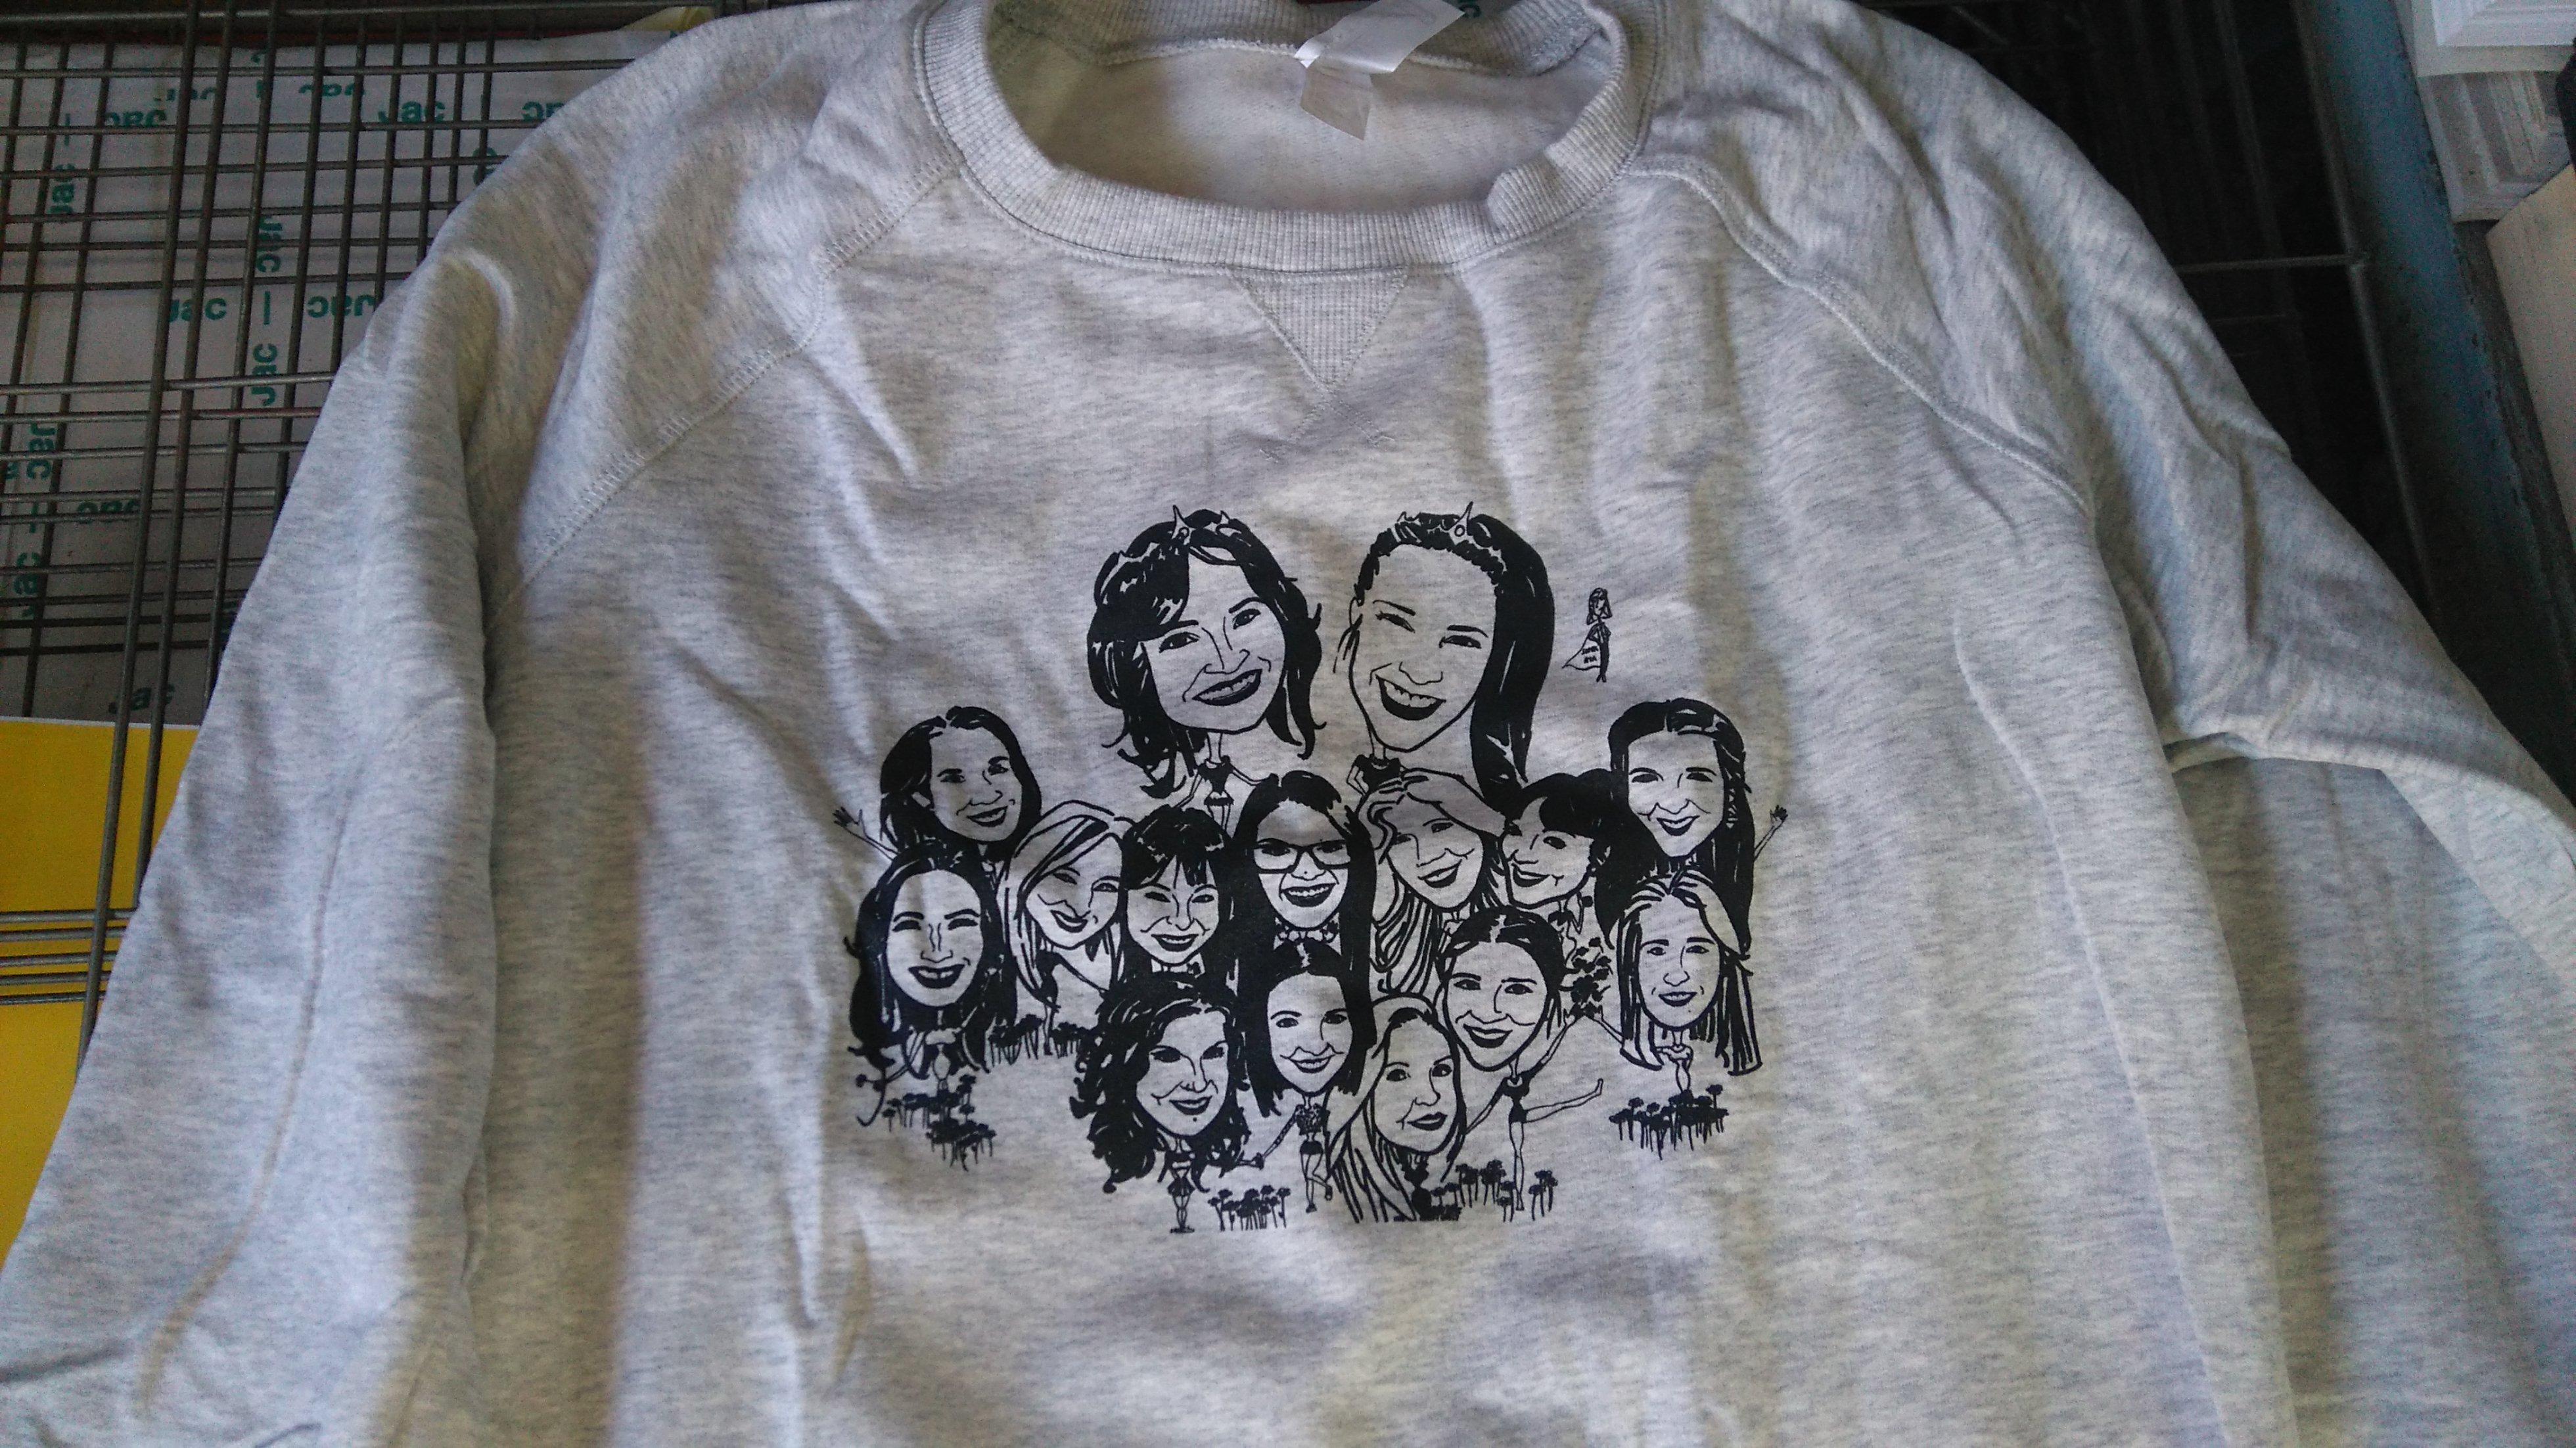 Camisetas personalizadas, ropa trabajo: Catálogo de Imprenta Jaspe